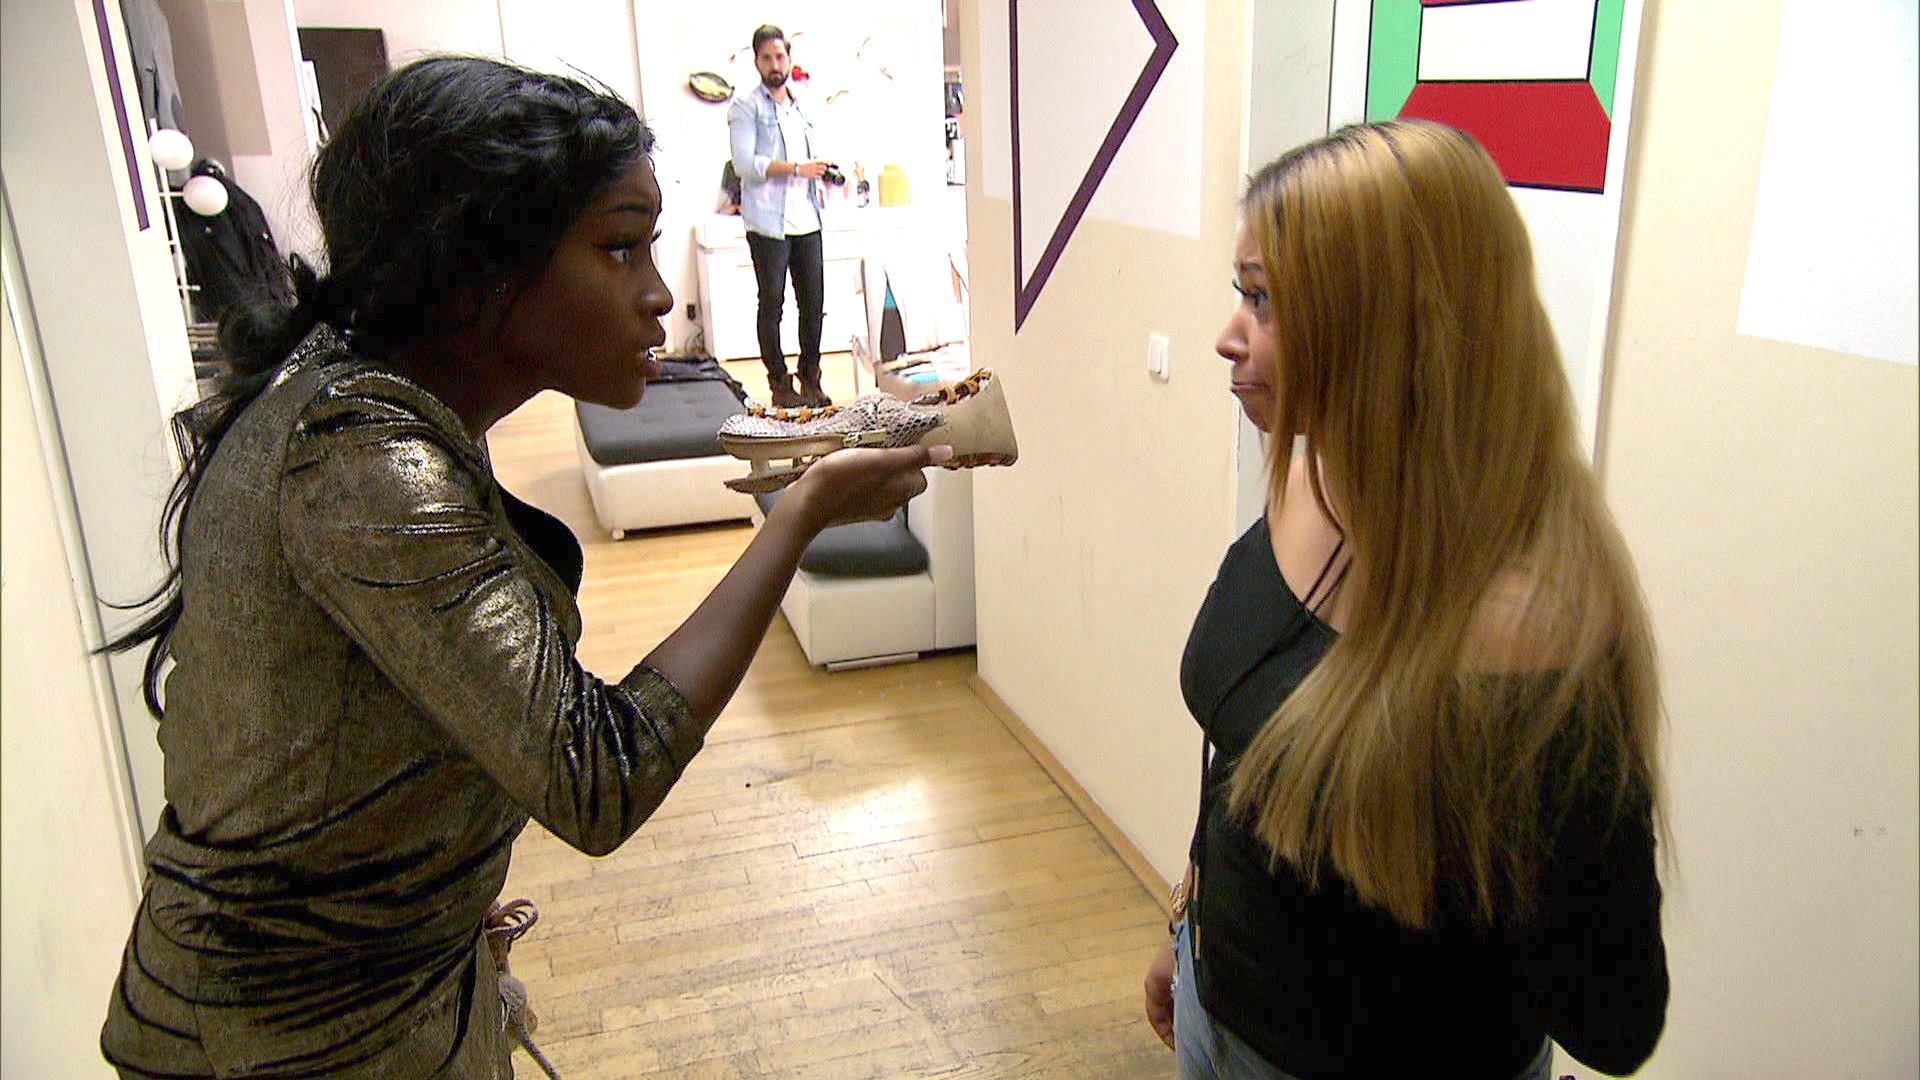 Michelle (li.) gerät mit ihrer neuen Mitbewohnerin Lucy (re.) aneinander. (Quelle: RTL 2)